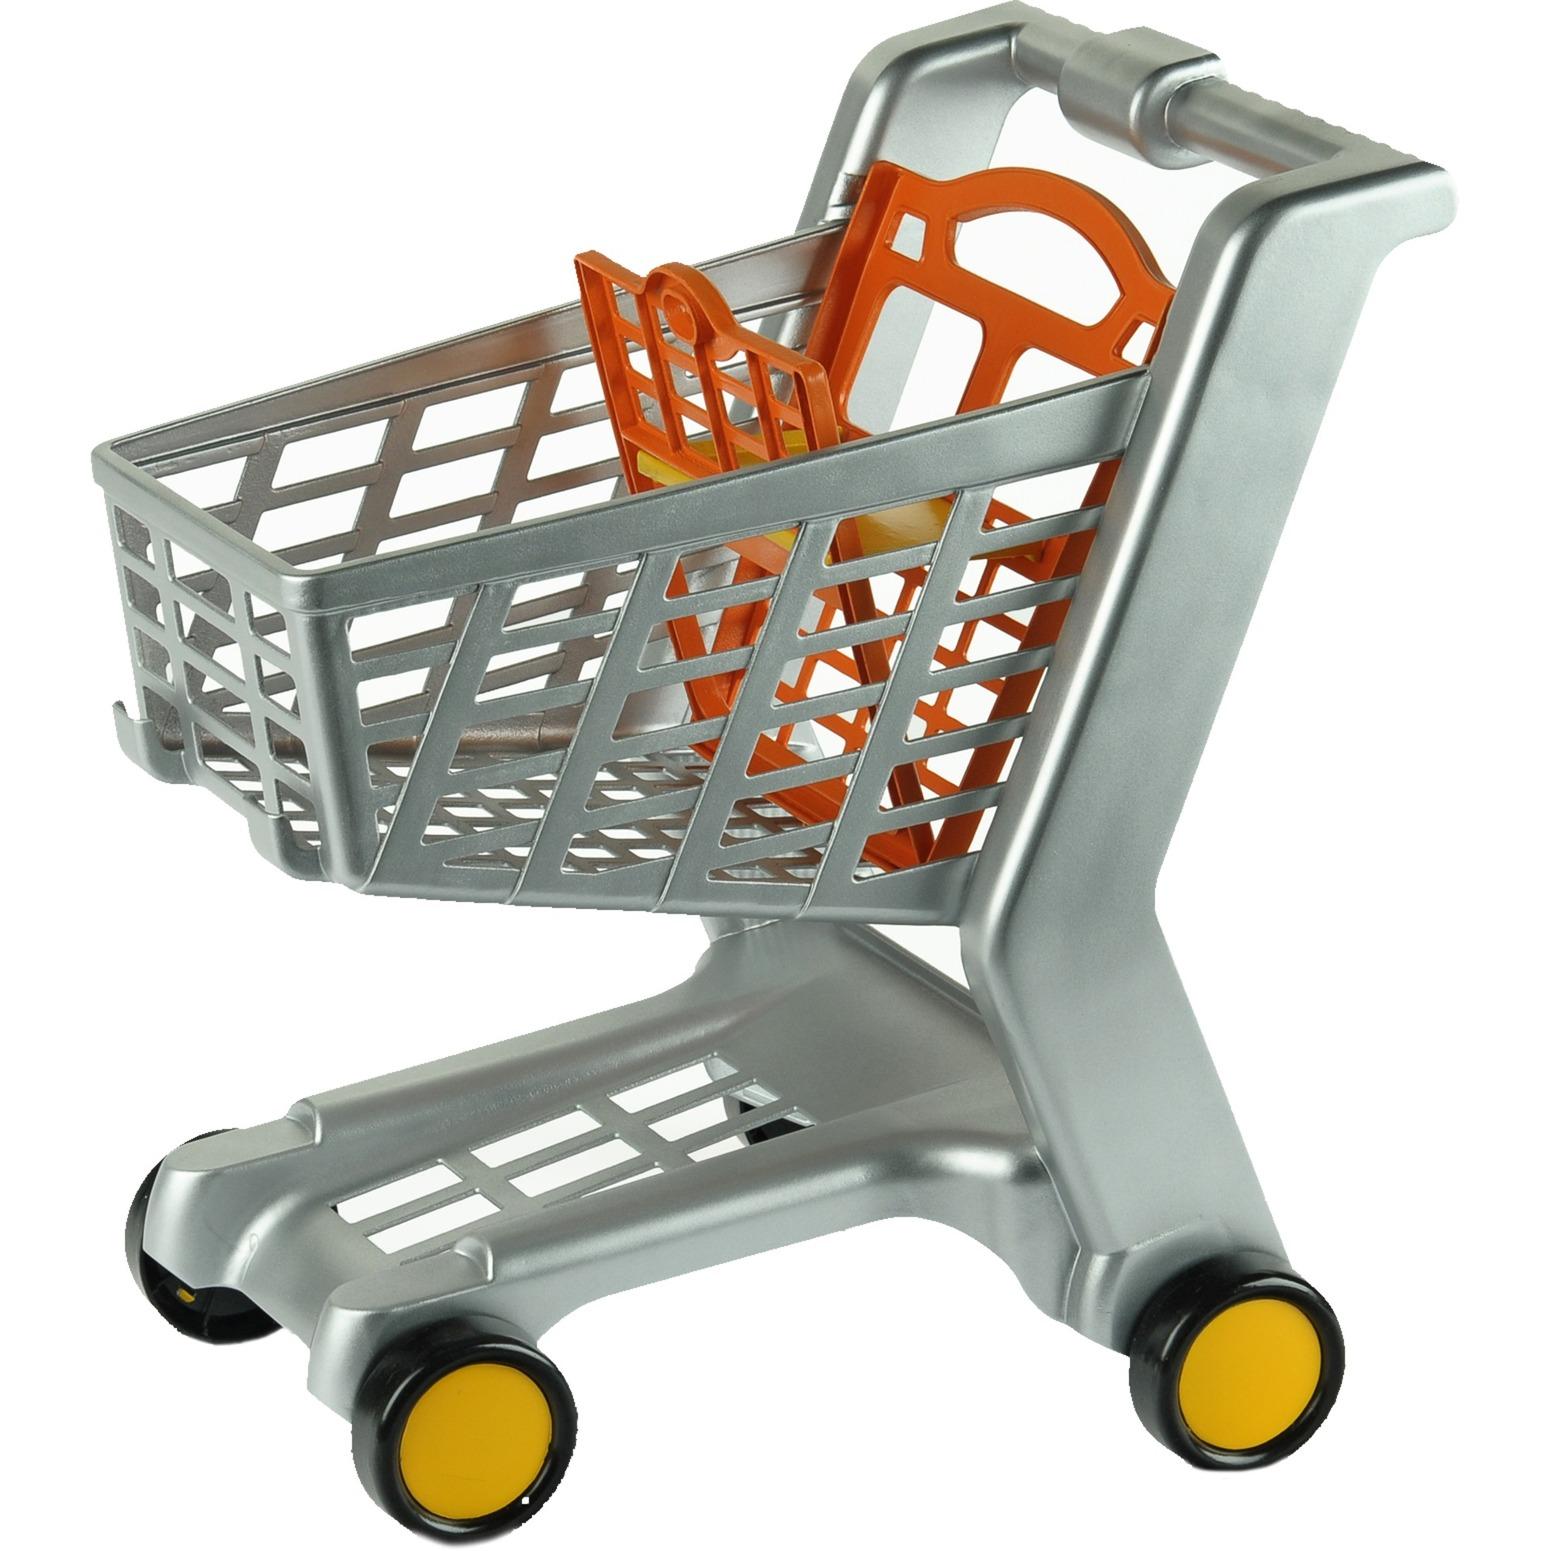 Jeu d'imitation - Chariot de supermarché, plastique, Epicerie d'enfant